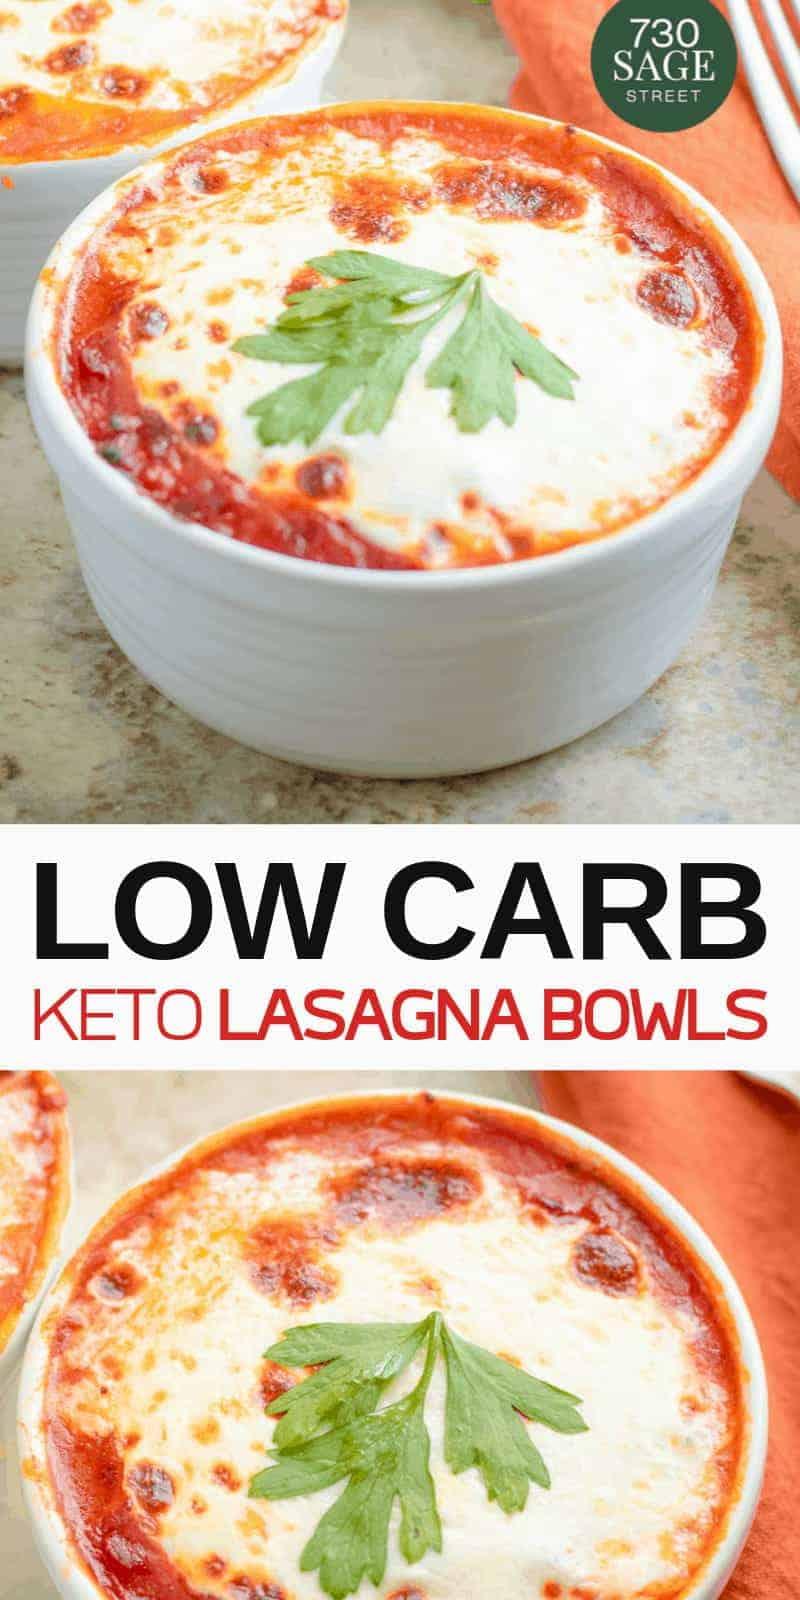 Low Carb Lasagna Bowls